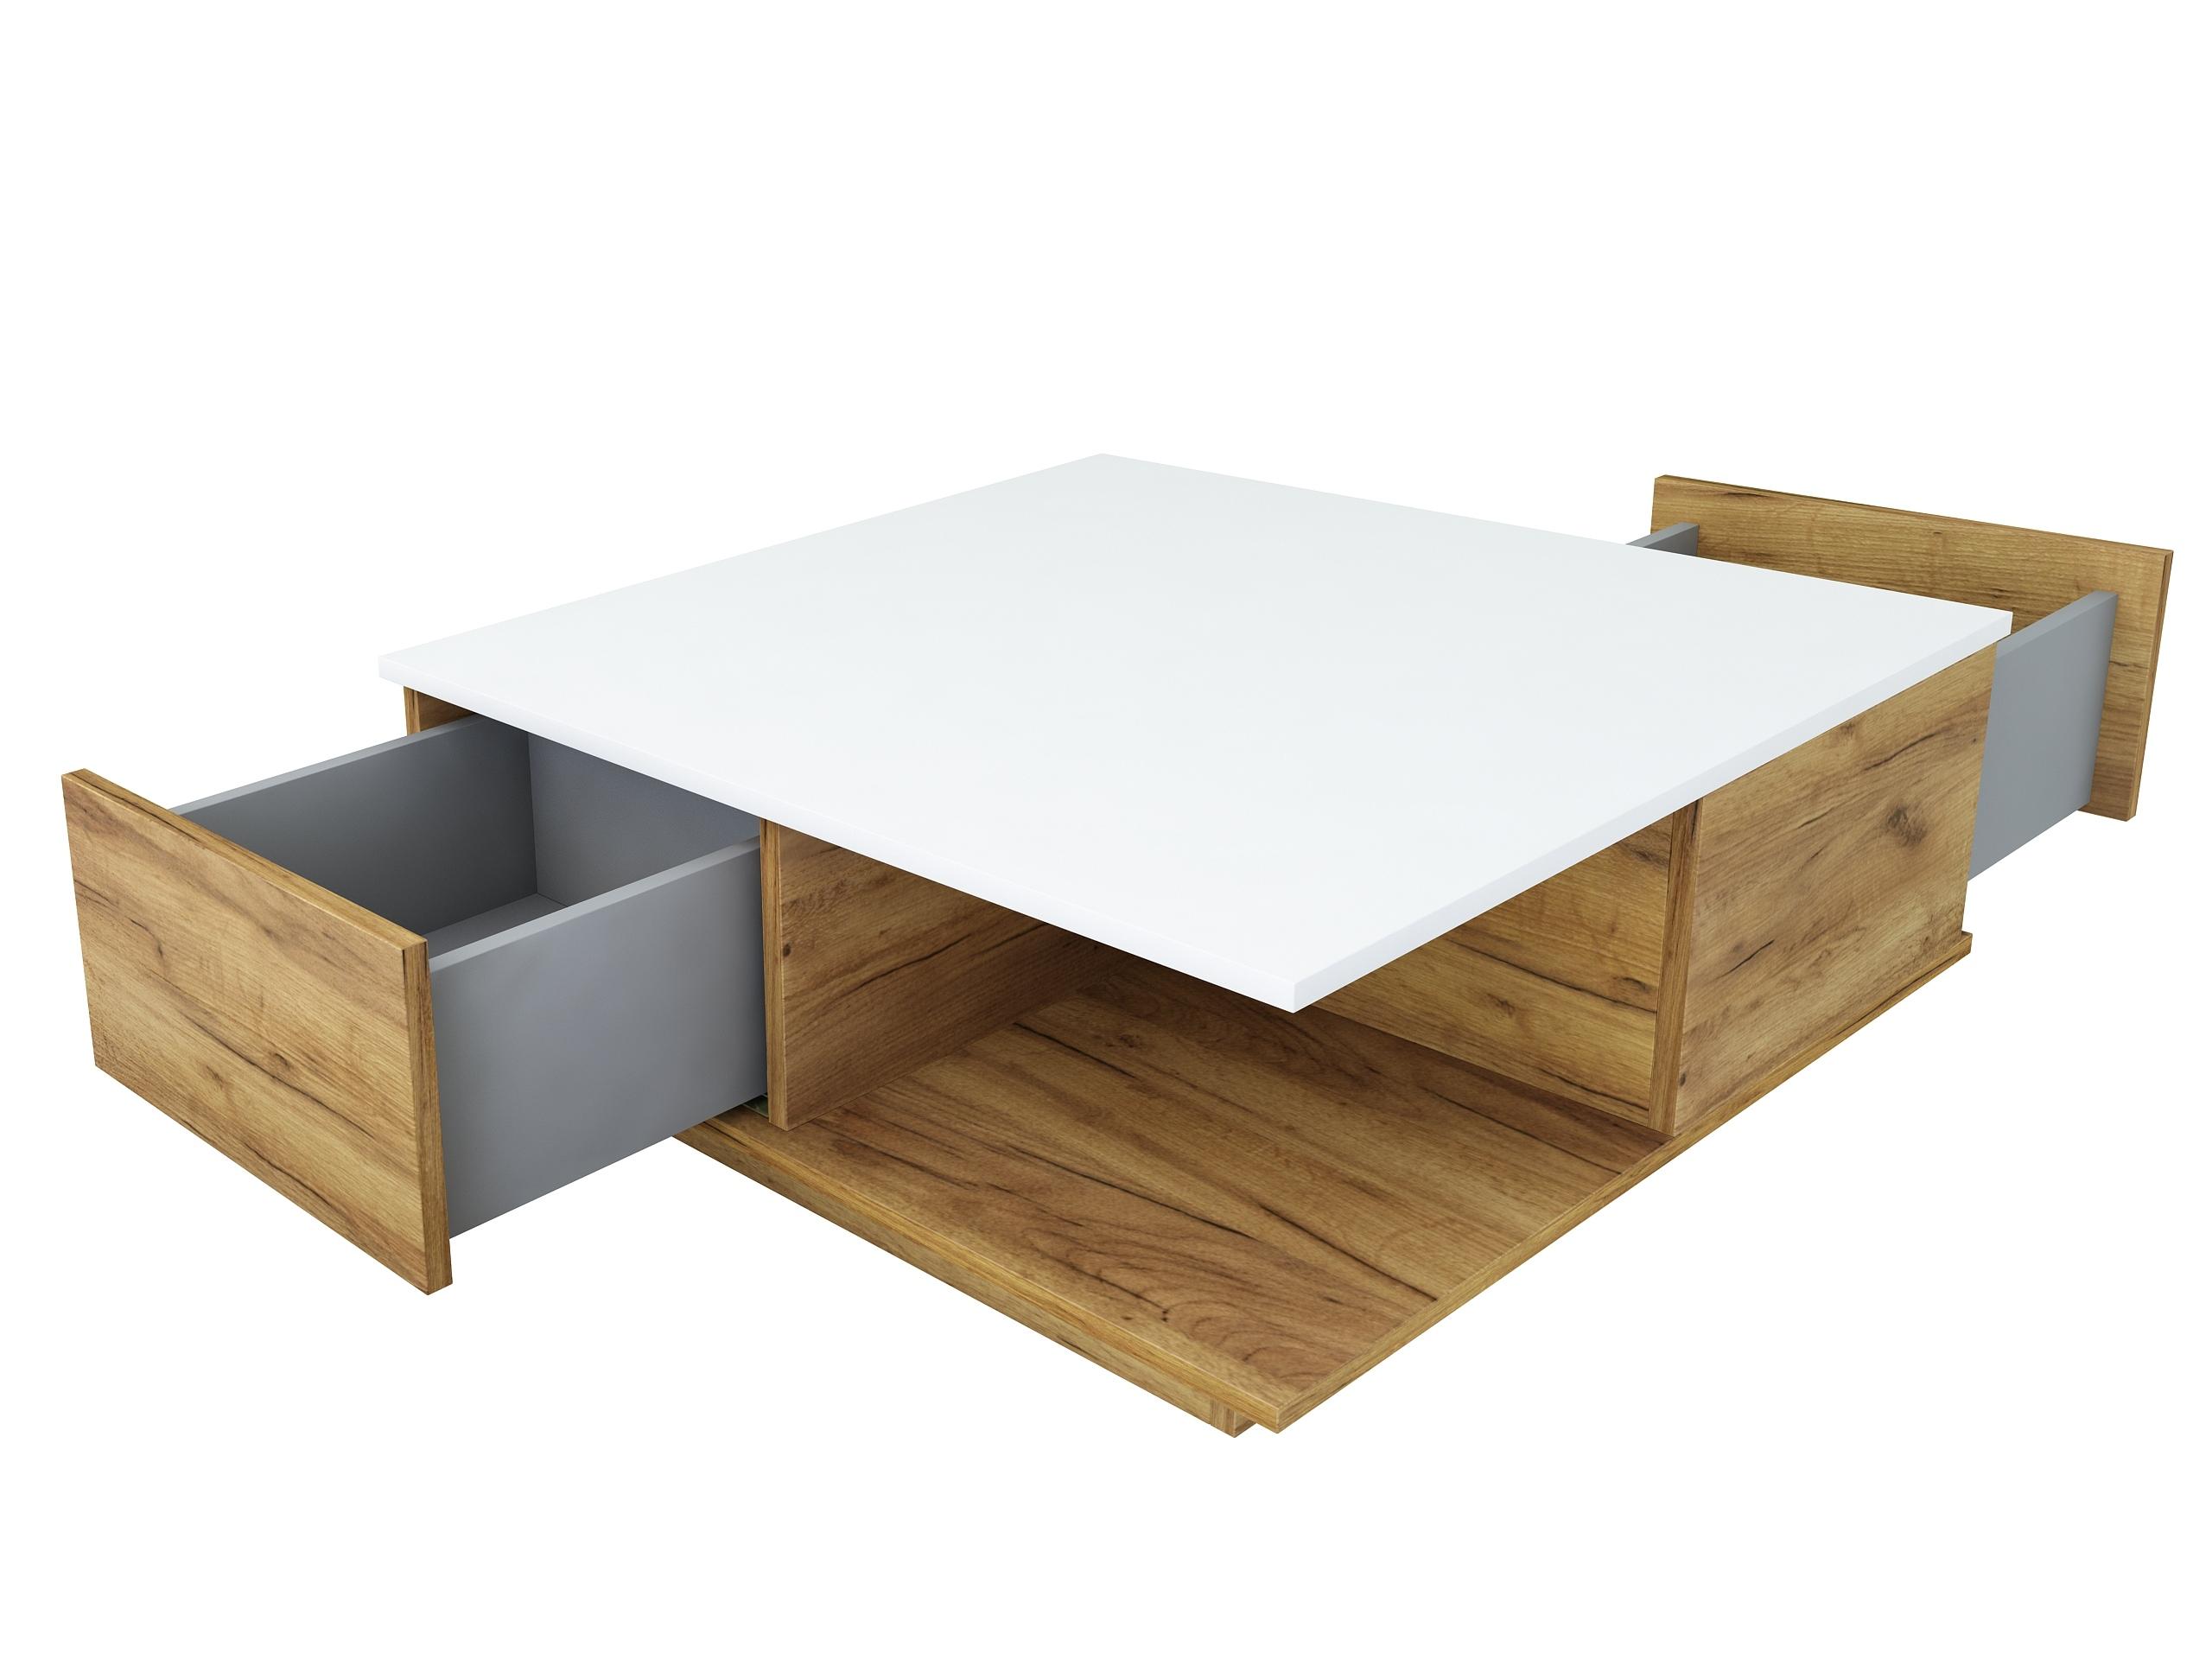 dąb złoty, dąb craft, biały mat, stolik z szufladami, stolik kawowy, ława do salonu